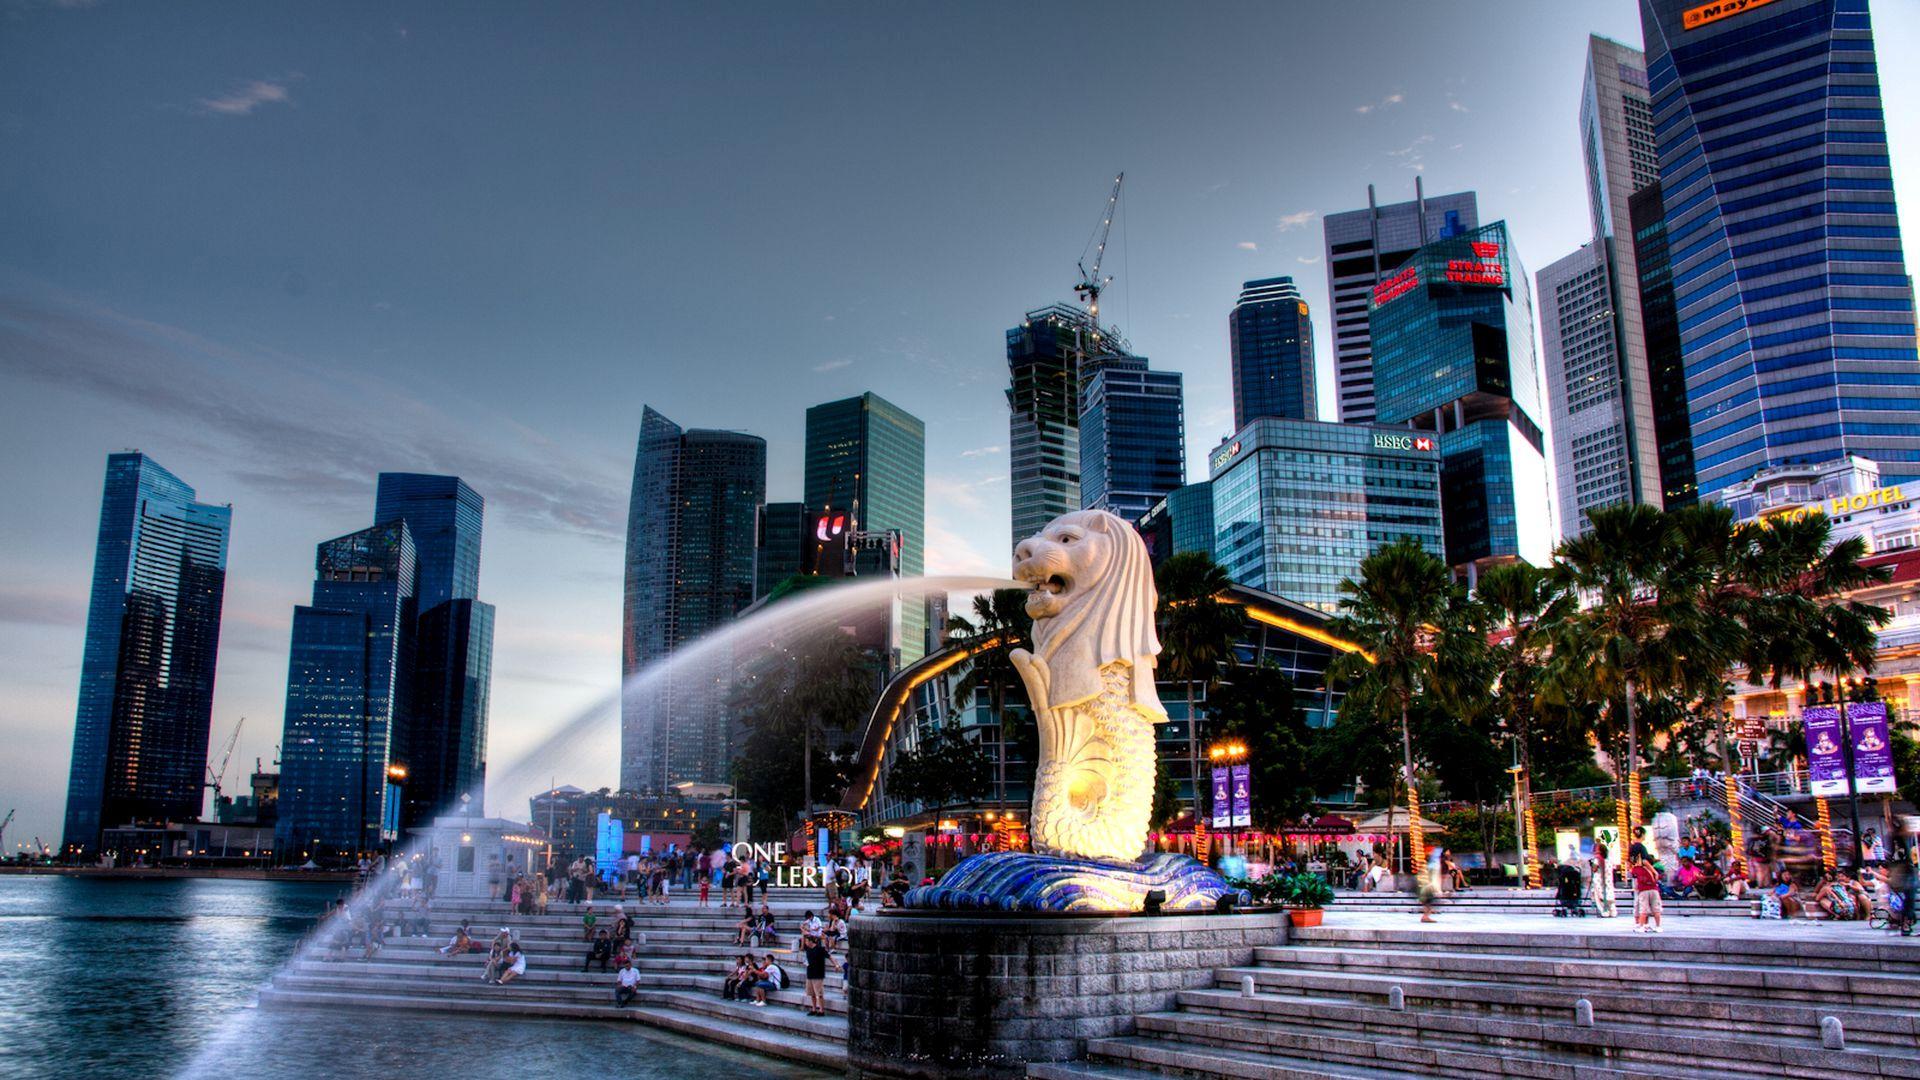 singapore 1920 × 1080Asia